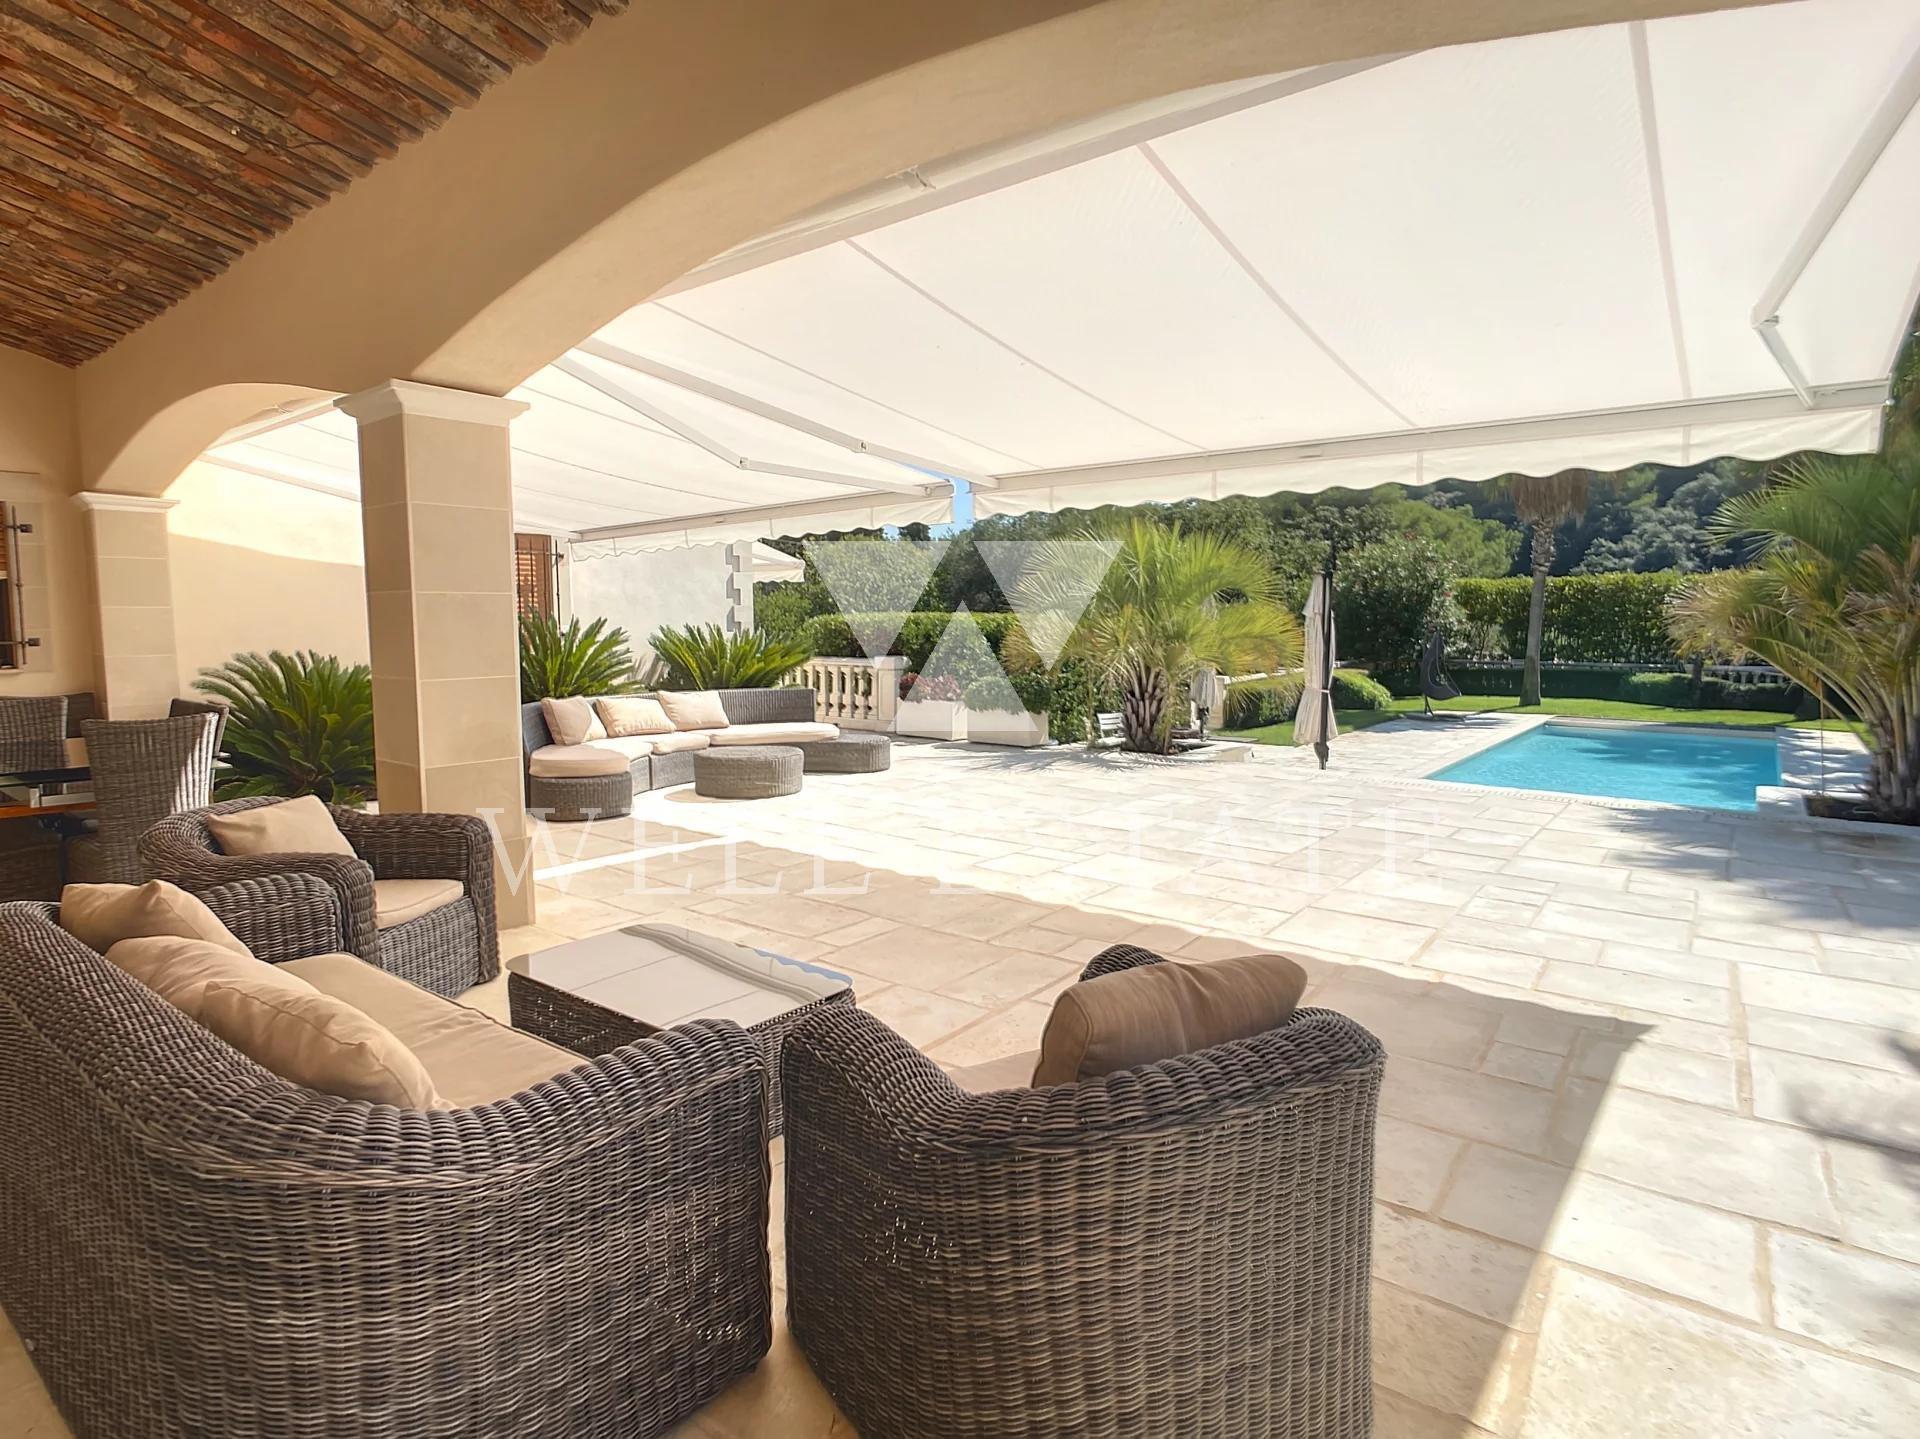 出售 房屋 - 昂蒂布 (Antibes) Brusquets